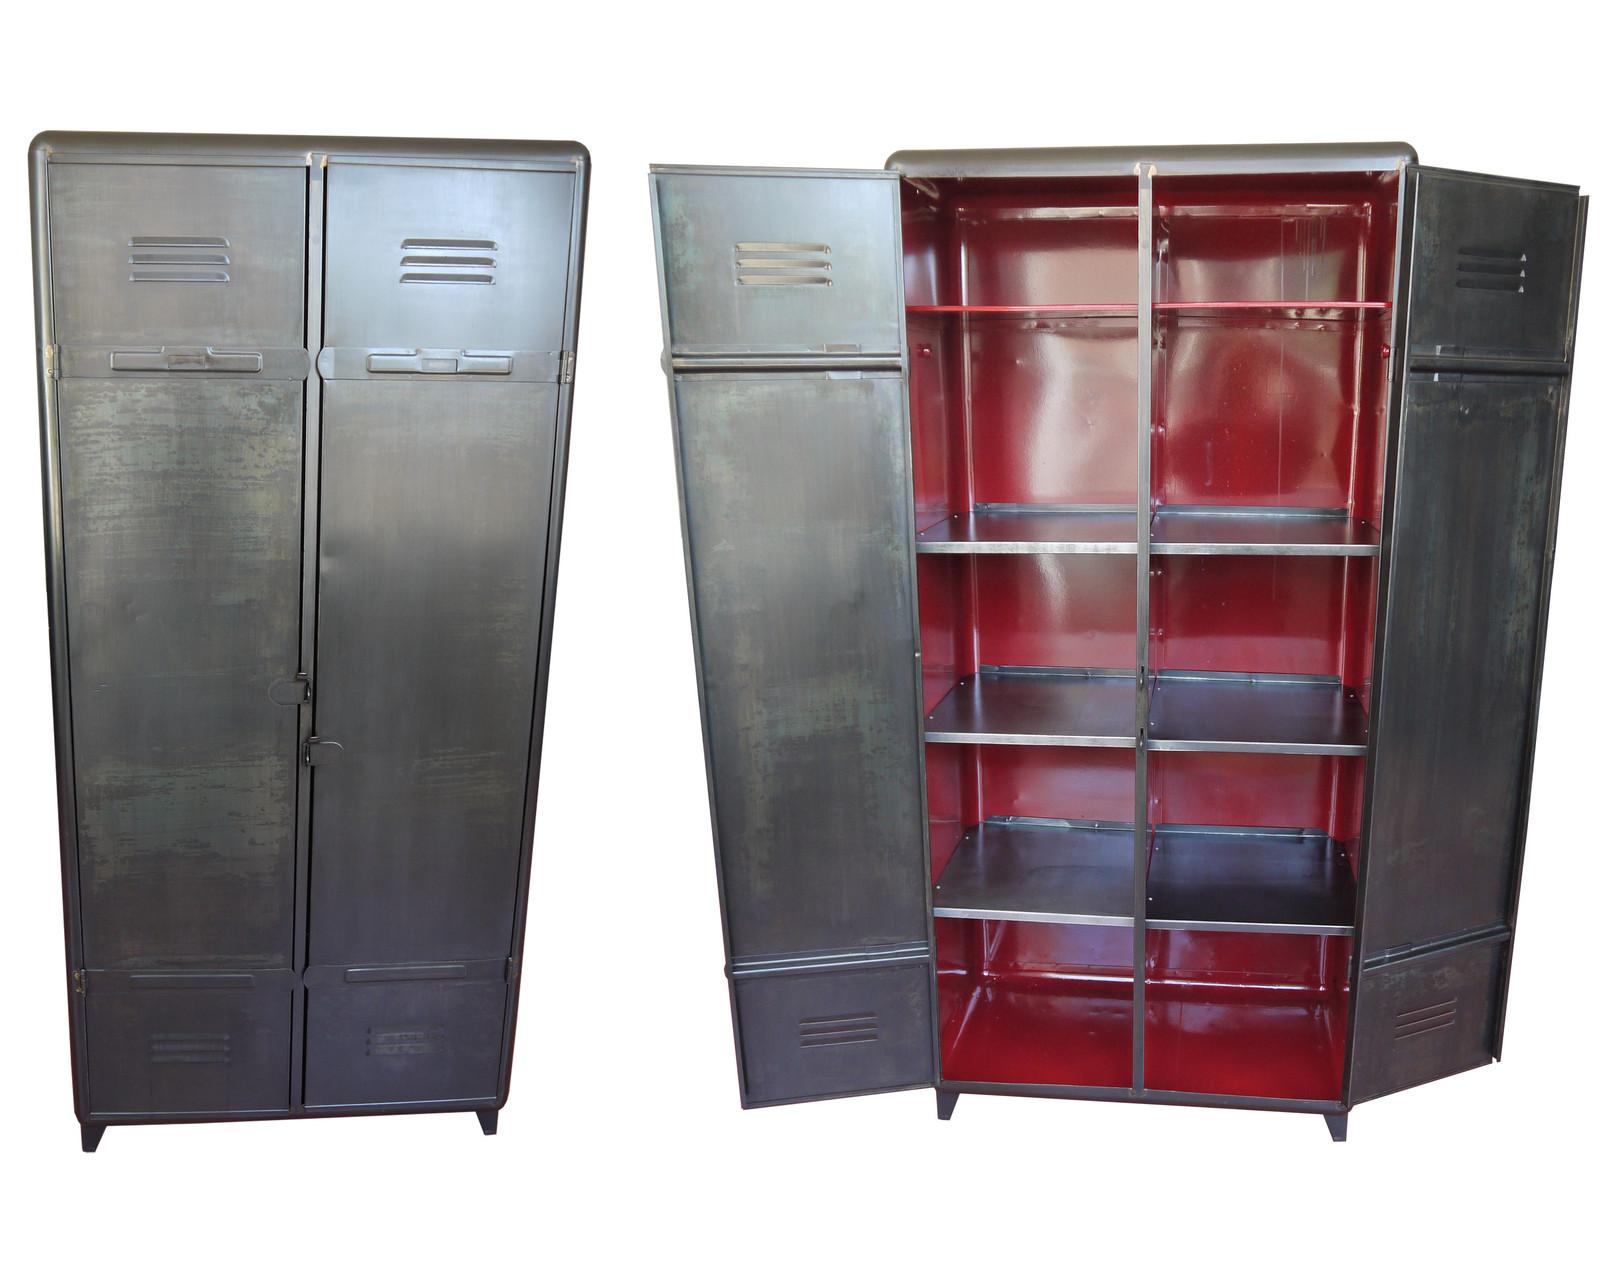 Armoire industrielle atelier vintage mobilier industriel lyon - Armoire industrielle metallique ...